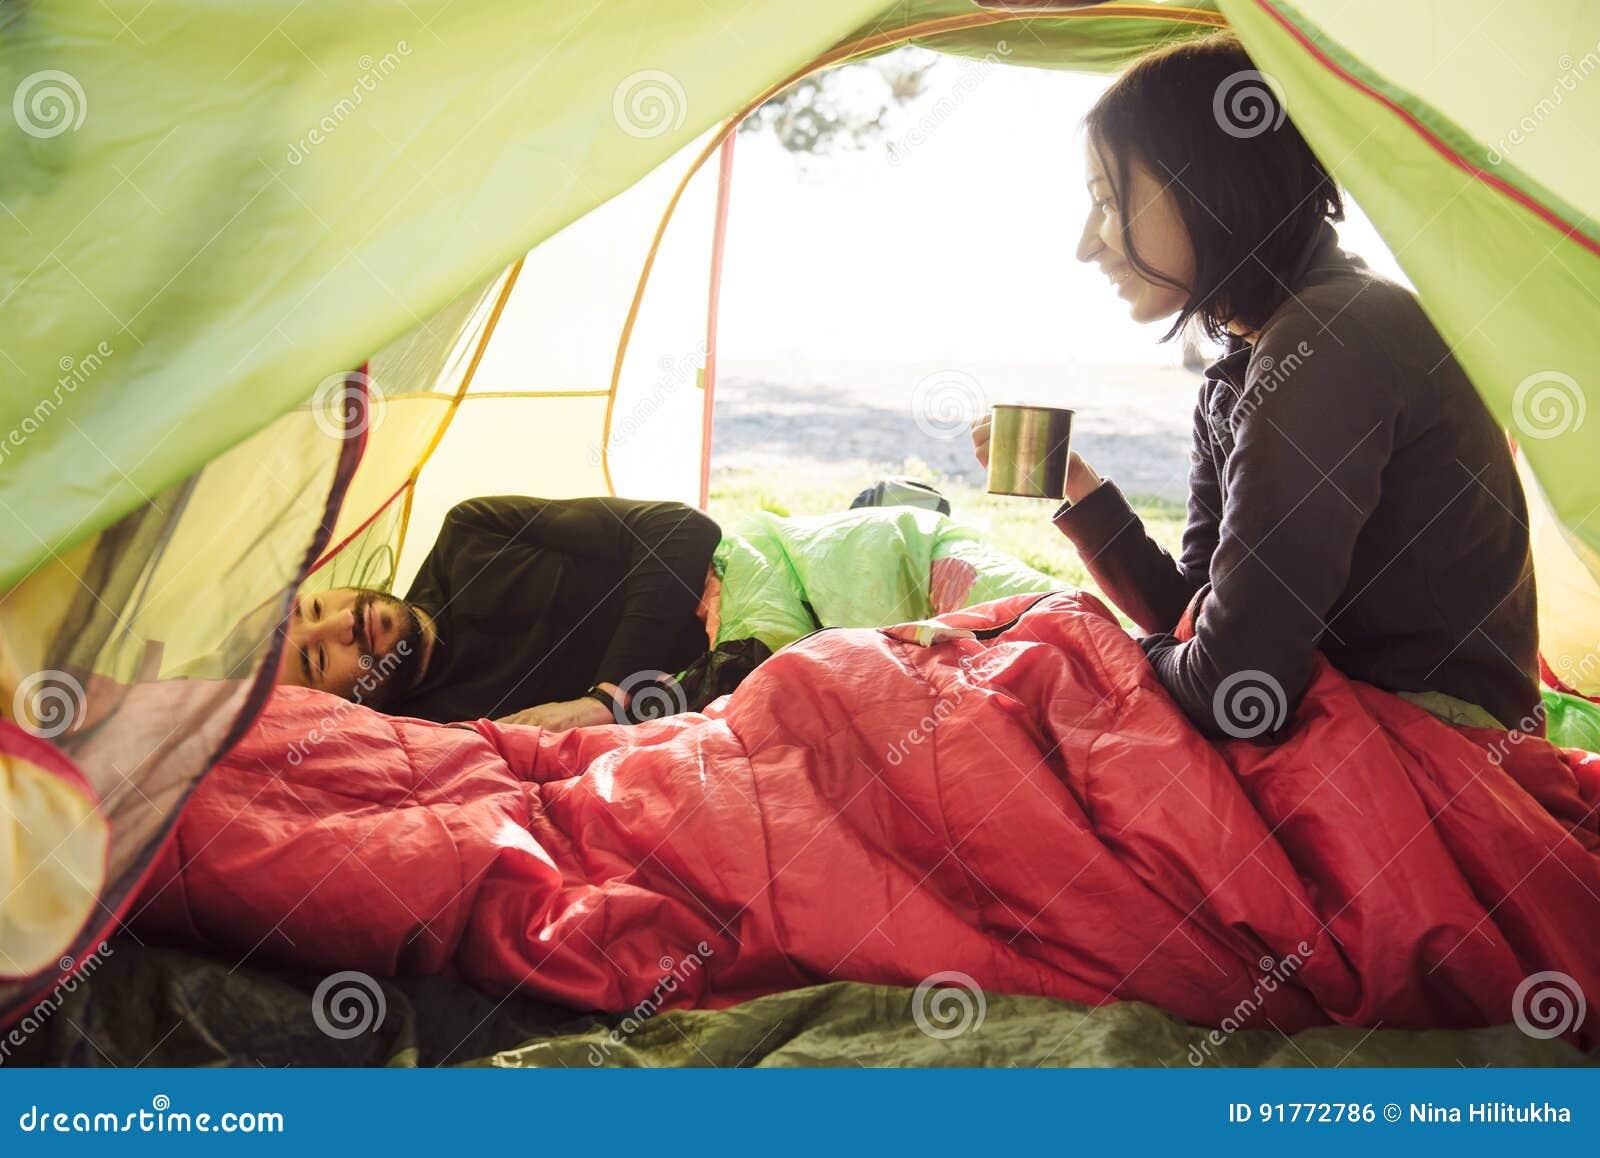 Kvinna Som Ligger I Ett Tält Med Kaffe, Sikt Av Berg Och